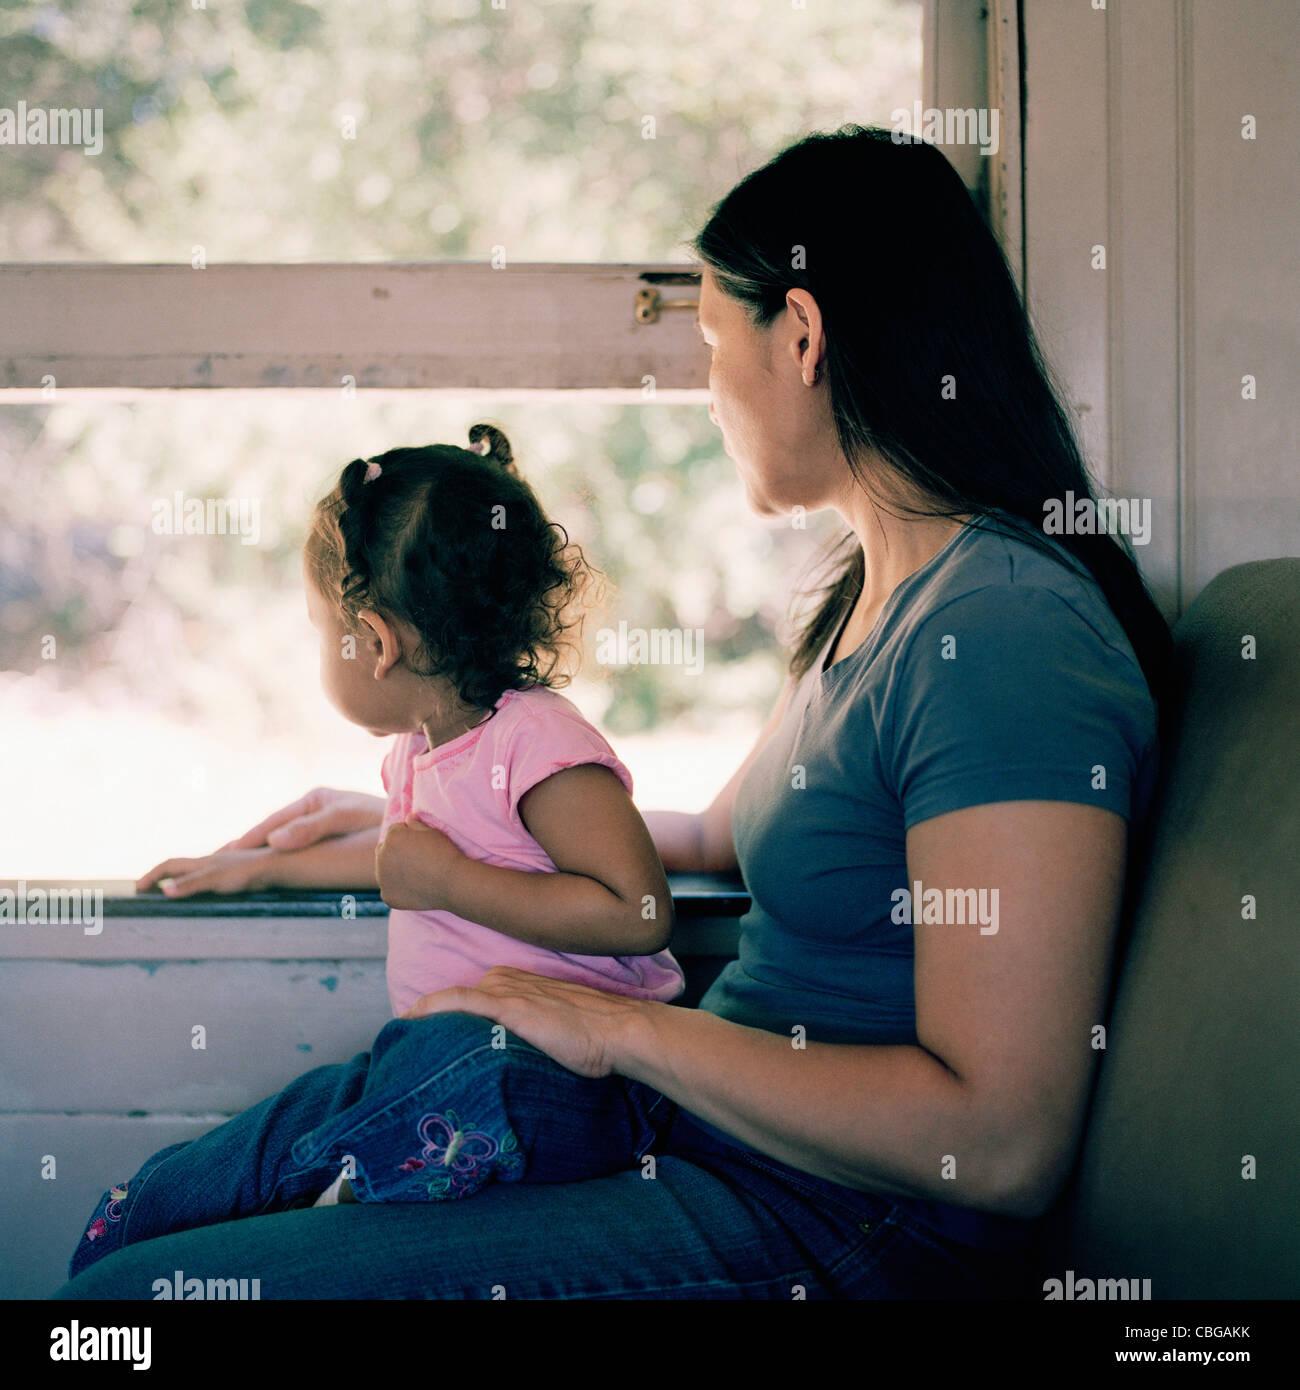 Une mère et sa fille dans un train, à la recherche d'une fenêtre Photo Stock